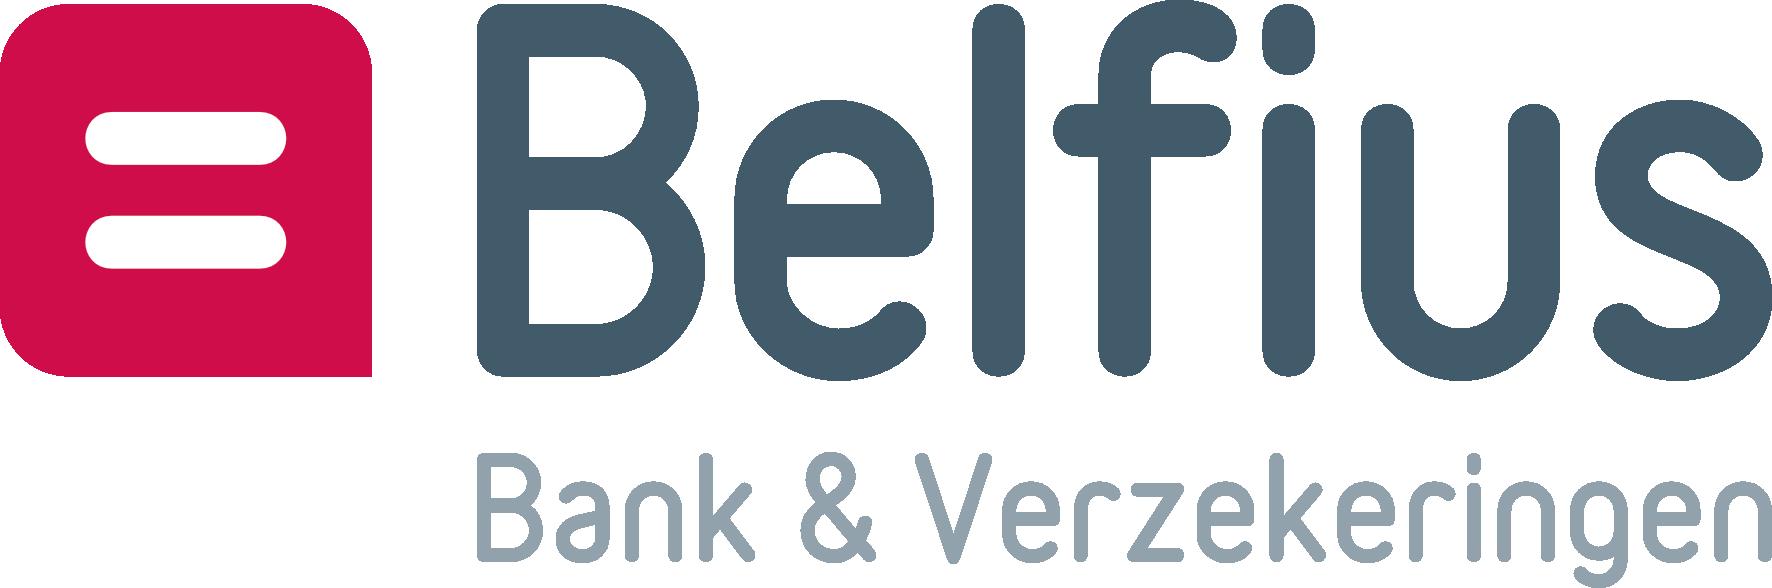 Belfius payments